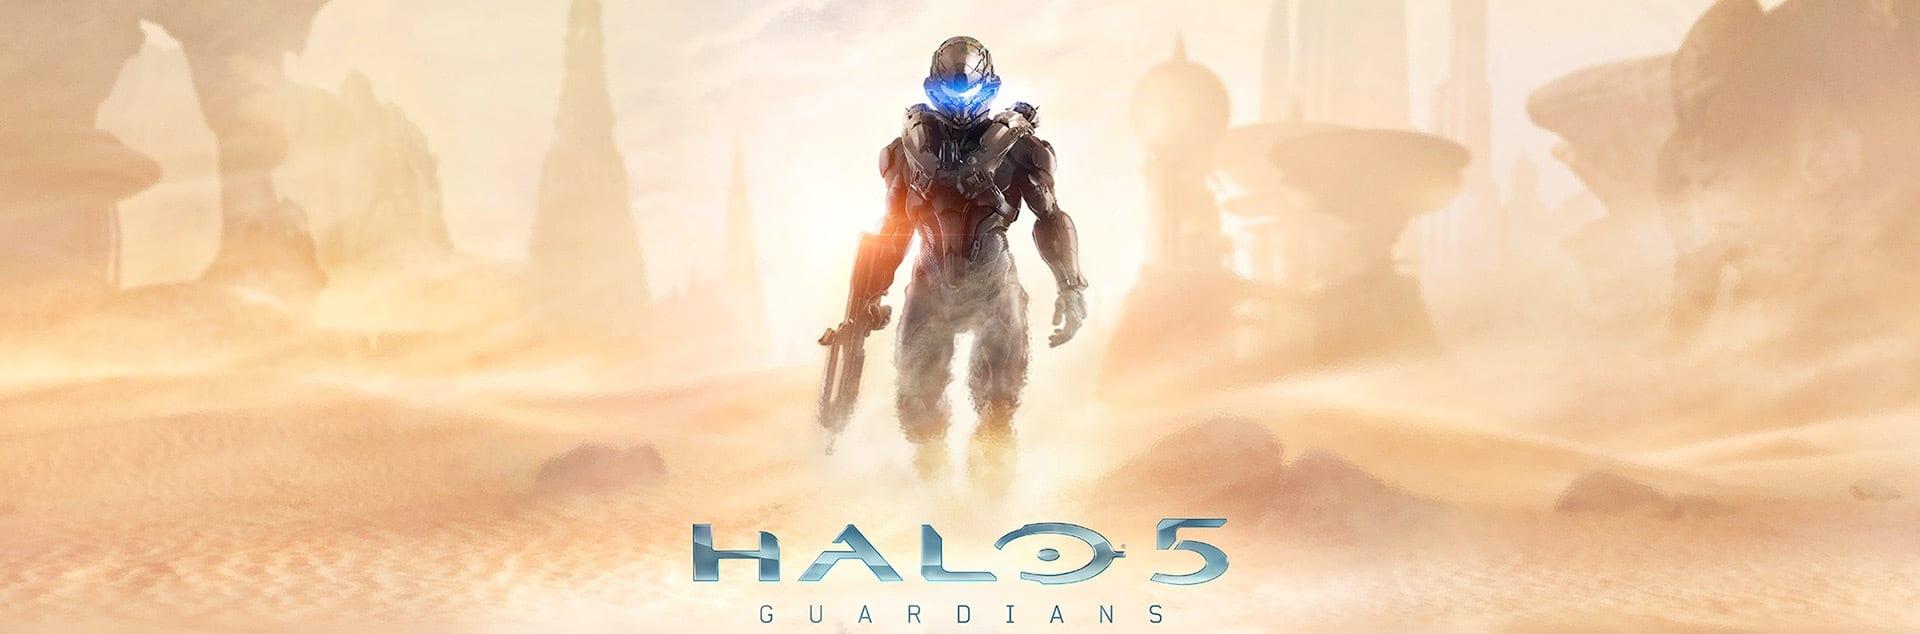 halo-5-guardians-visual-id-teaser-1920x1080-81d61a07017644d4ad00a3cc411f9f99 - копия